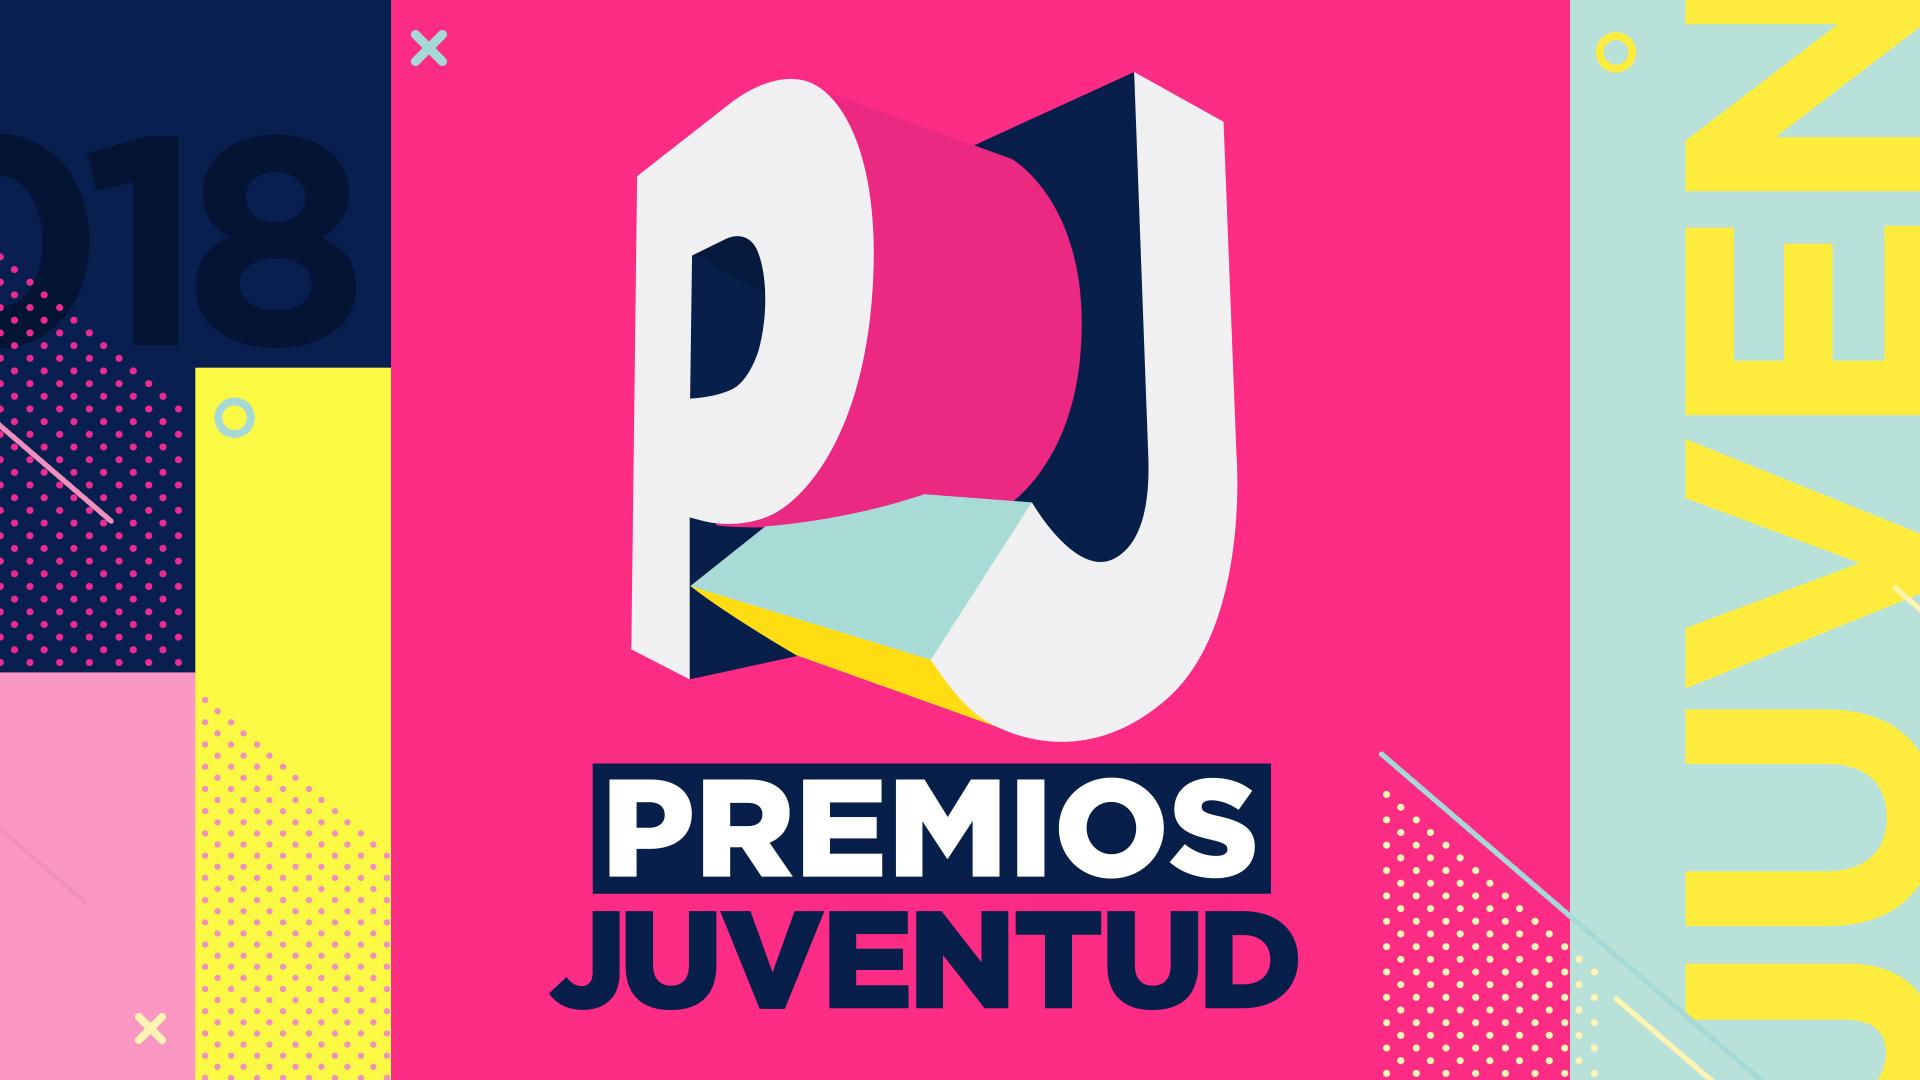 Entérate de todo lo que esta pasando al rededor de los Premios Juventud 2018